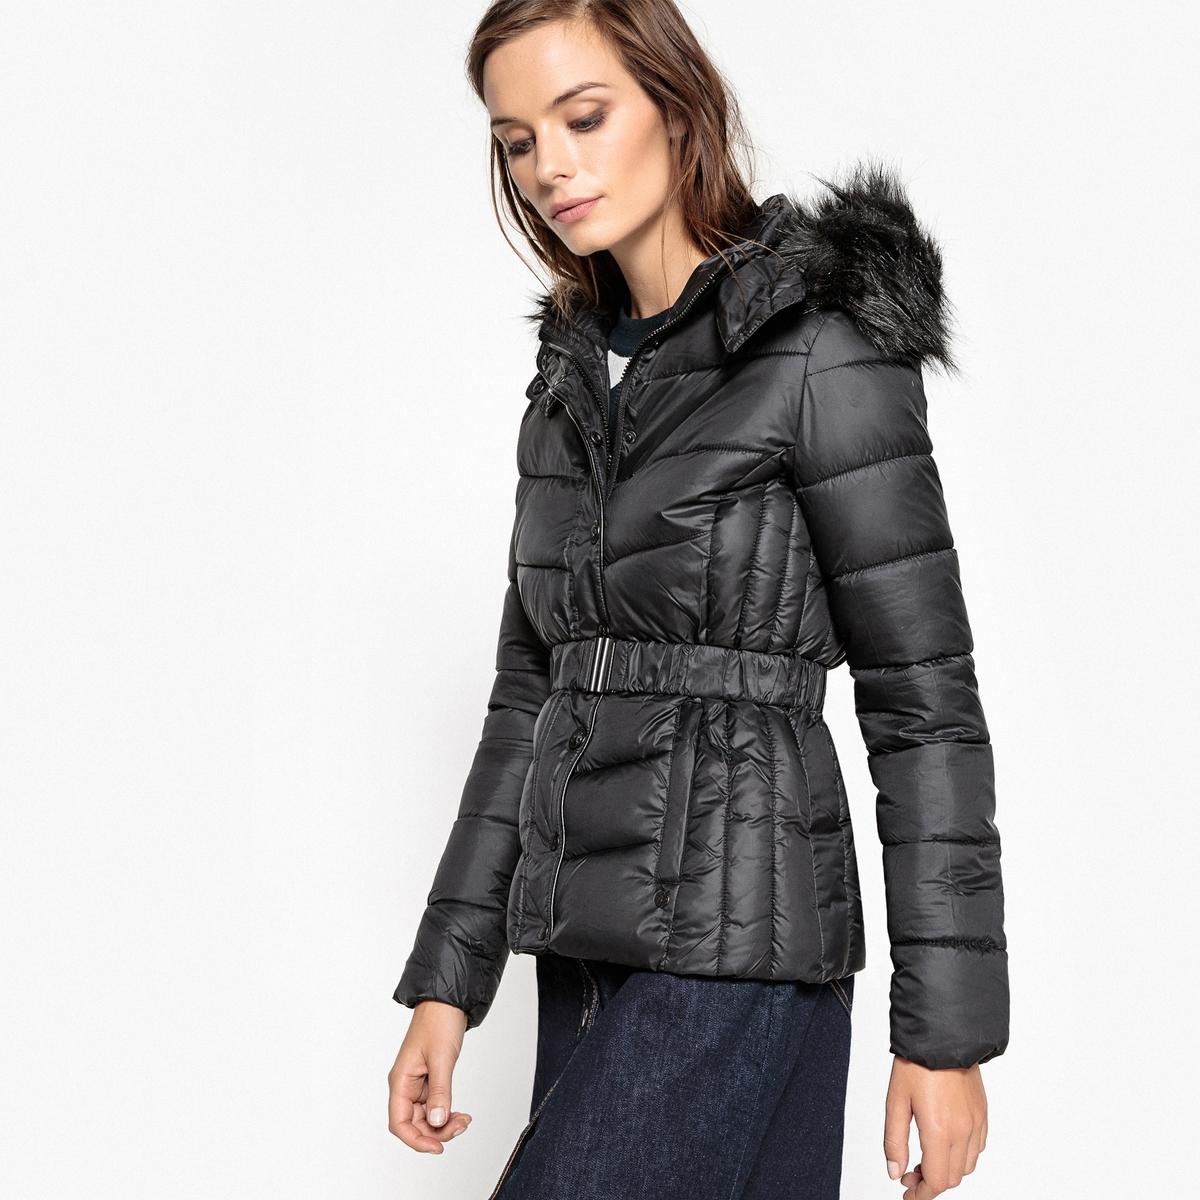 Куртка стеганая с капюшоном BodyКуртка стеганая Body от KAPORAL в сочетании с ремешком выглядит очень женственно . Эта стеганая куртка на молнии с капюшоном эффективно защитит вас от зимних морозов .Детали •  Длина : средняя •  Капюшон •  Застежка на молнию •  С капюшономСостав и уход  •  Следуйте советам по уходу, указанным на этикетке<br><br>Цвет: черный<br>Размер: S.L